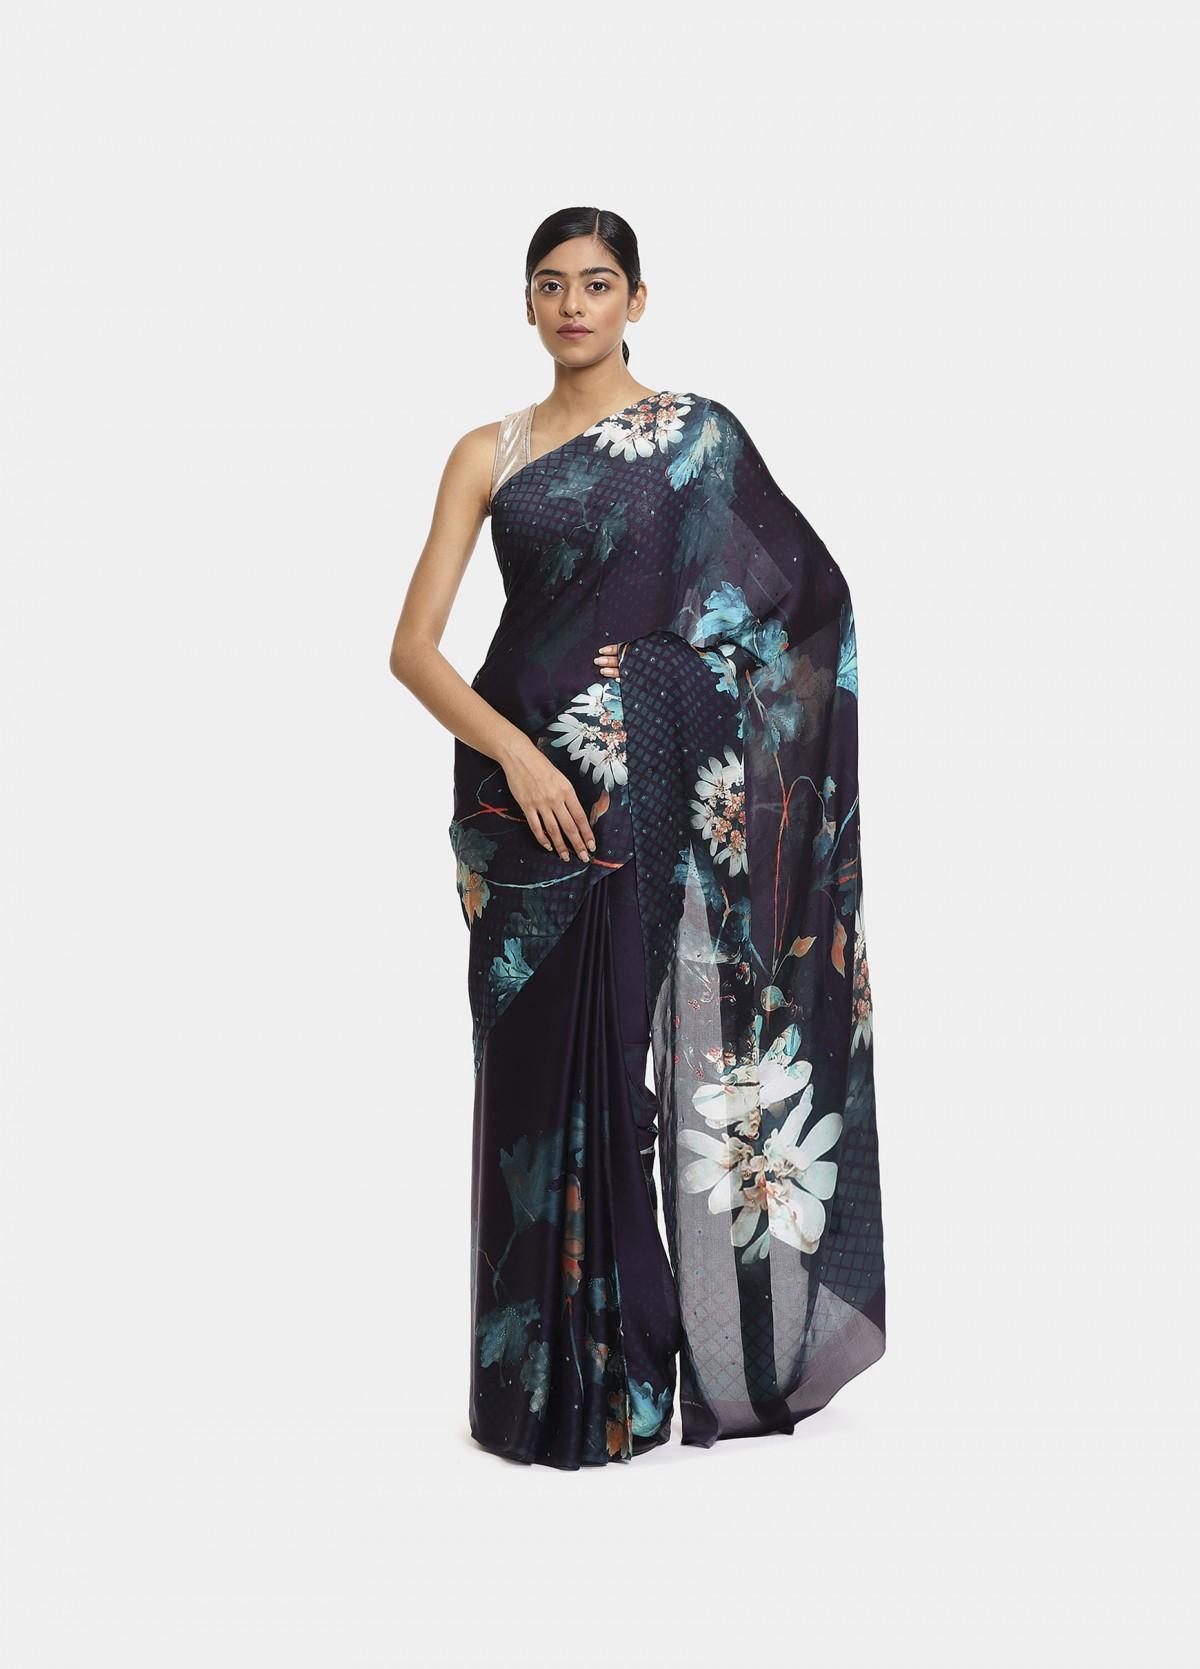 The Coriandrum Sari